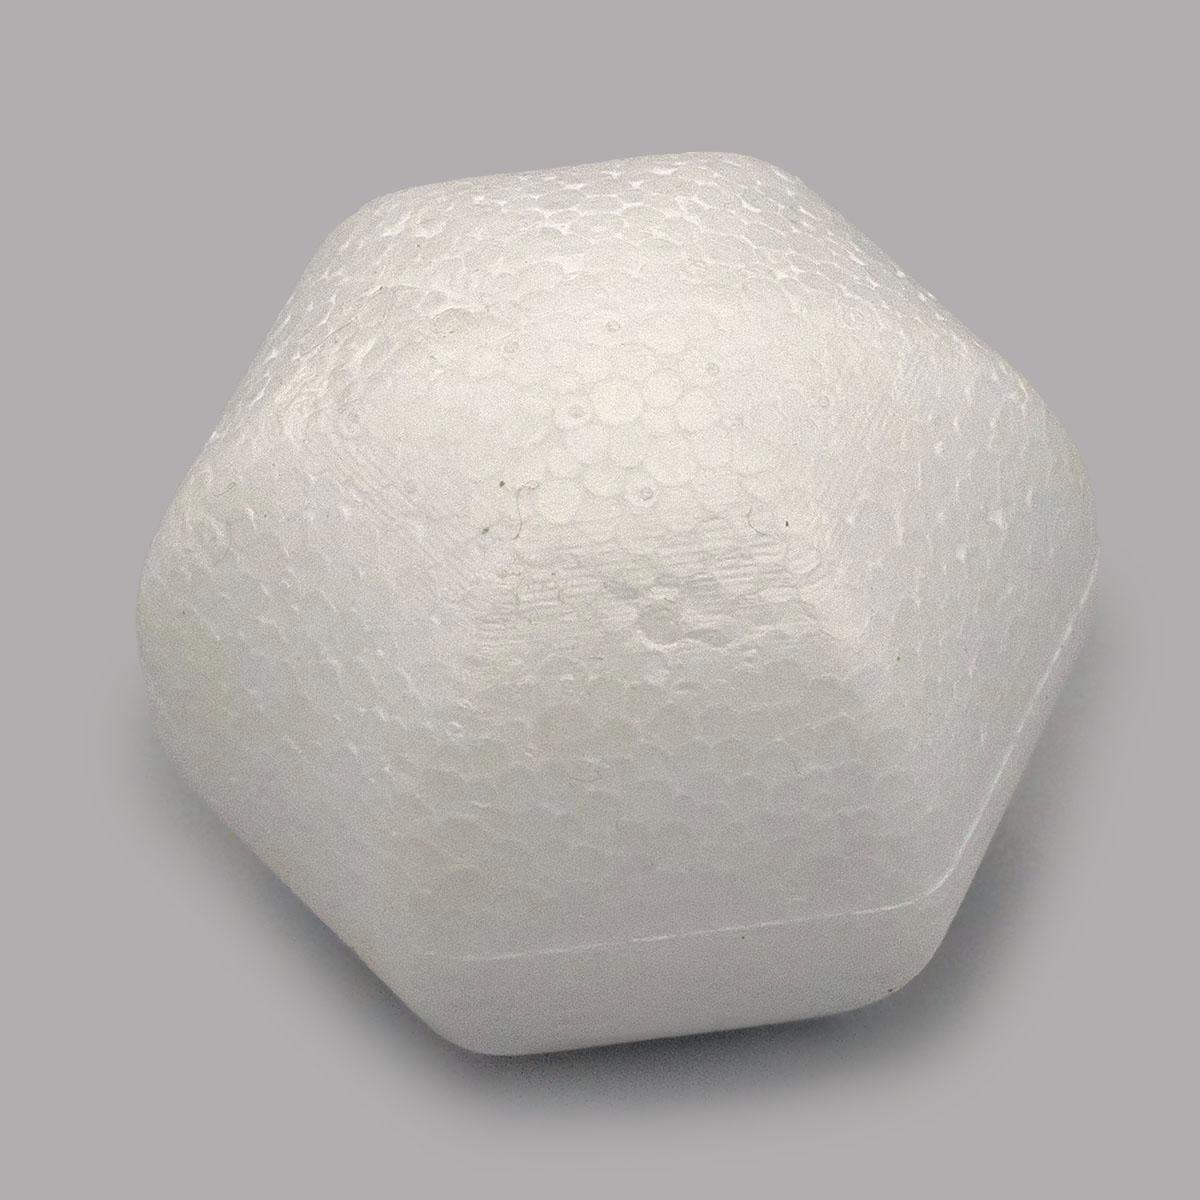 Заготовка для декорирования из пенопласта 'Многоугольный шар', 4*4см